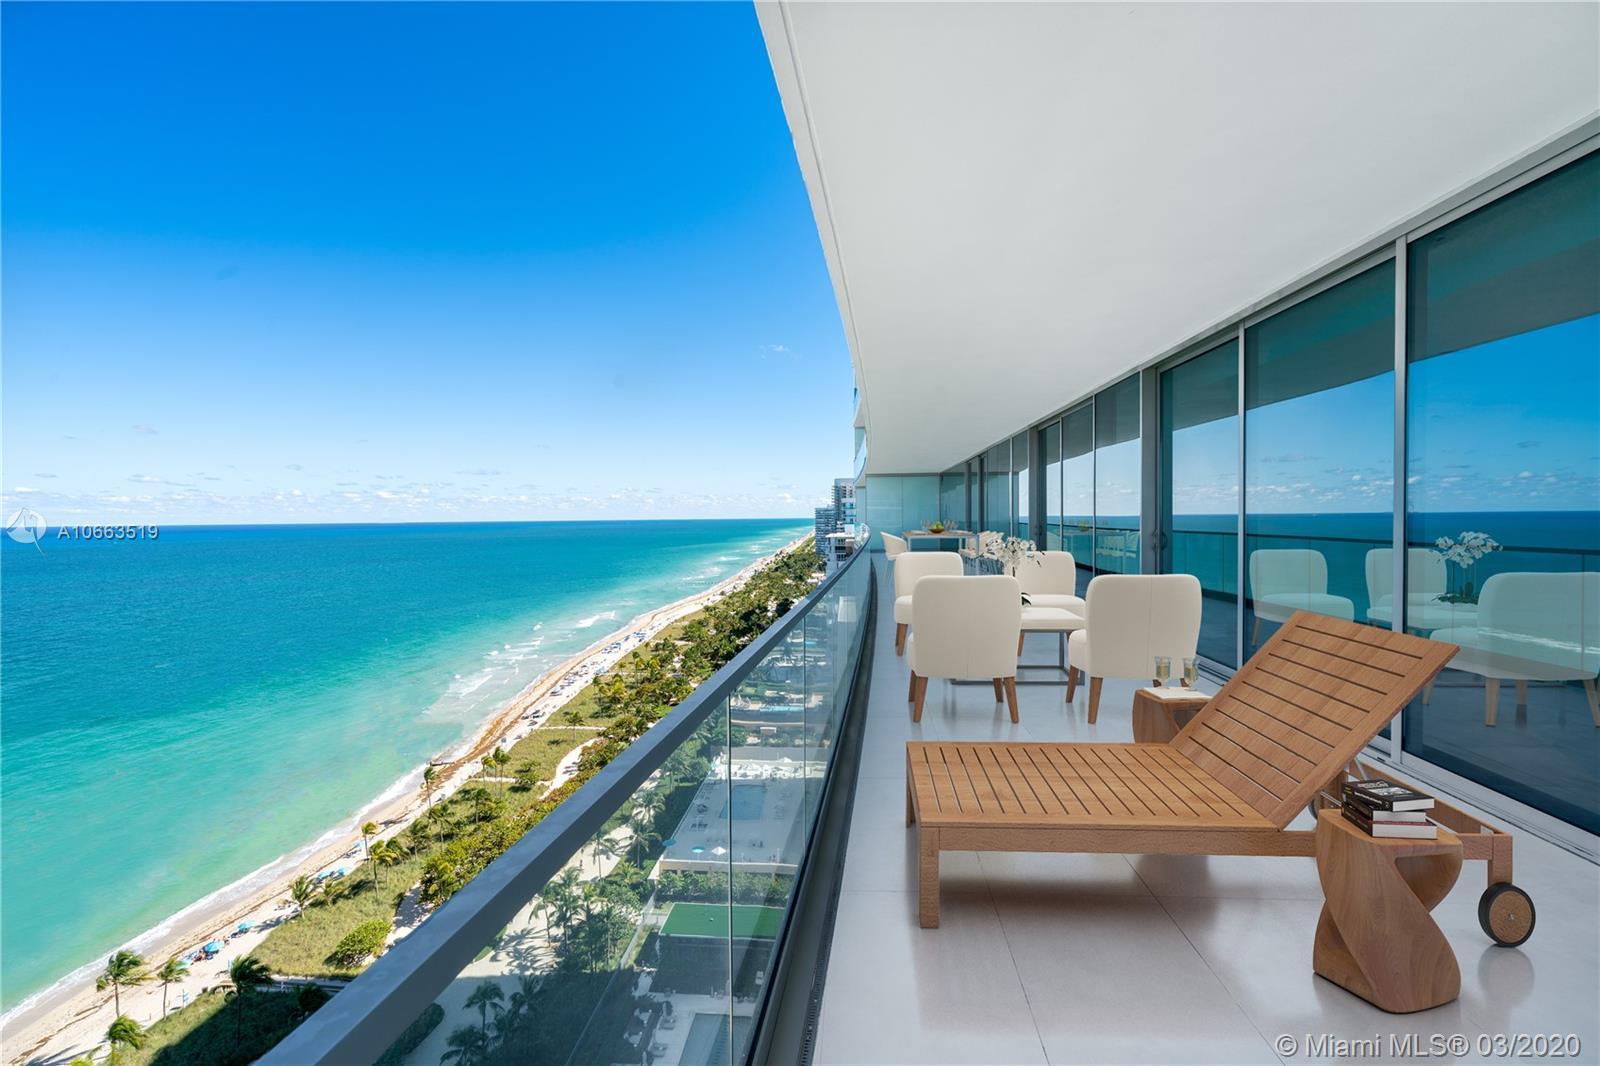 10203 Collins Ave #2001, Bal Harbour, FL 33154 - Bal Harbour, FL real estate listing